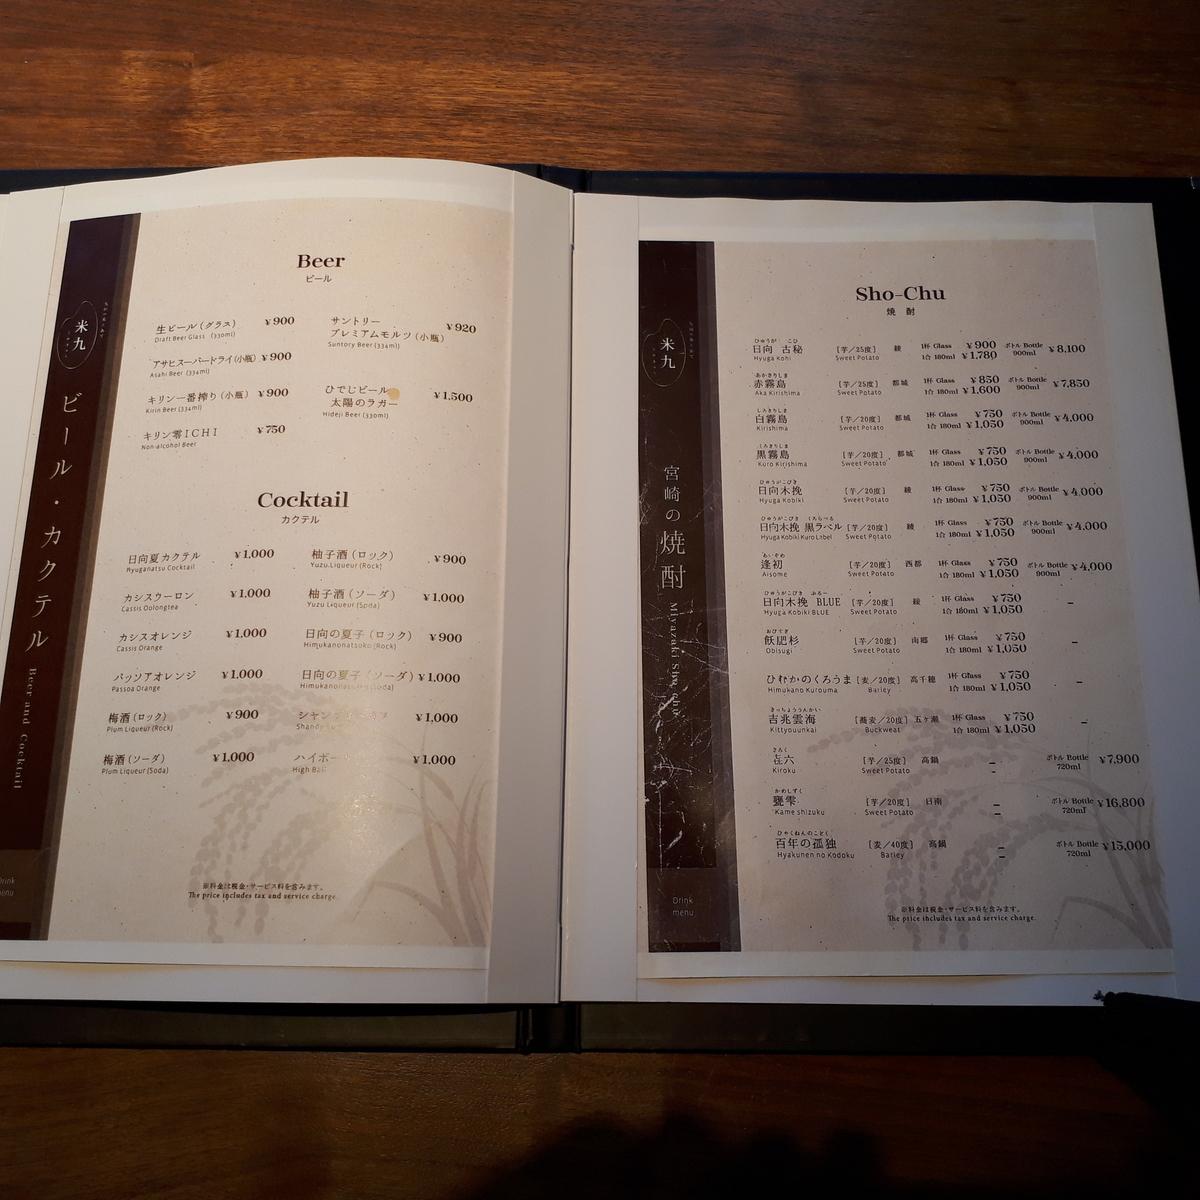 シェラトングランデオーシャンリゾート 米九 ドリンクメニュー ビール カクテル 宮崎の焼酎